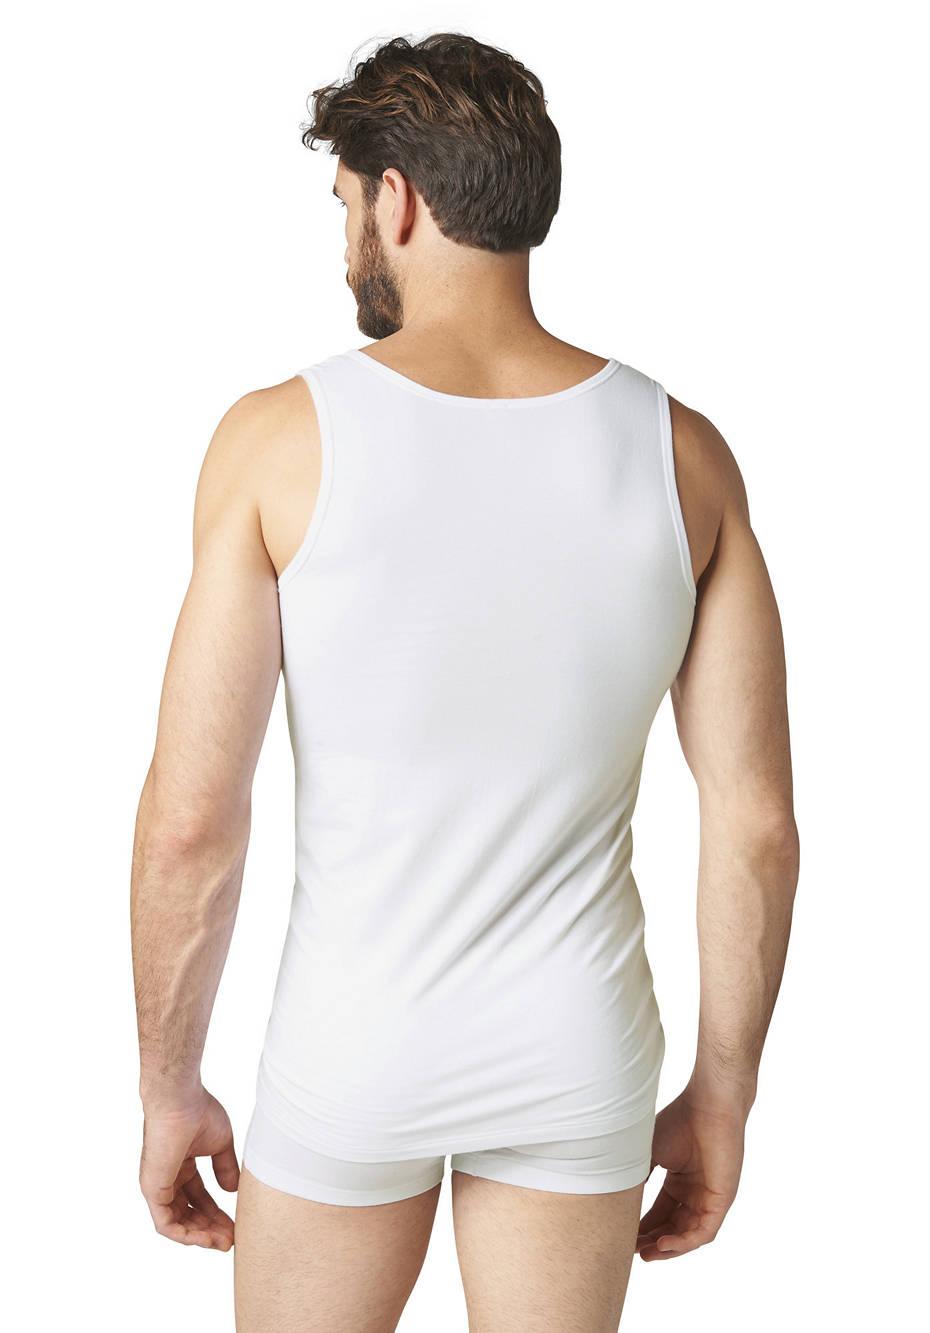 Herren Achselshirt aus Bio-Baumwolle und Modal